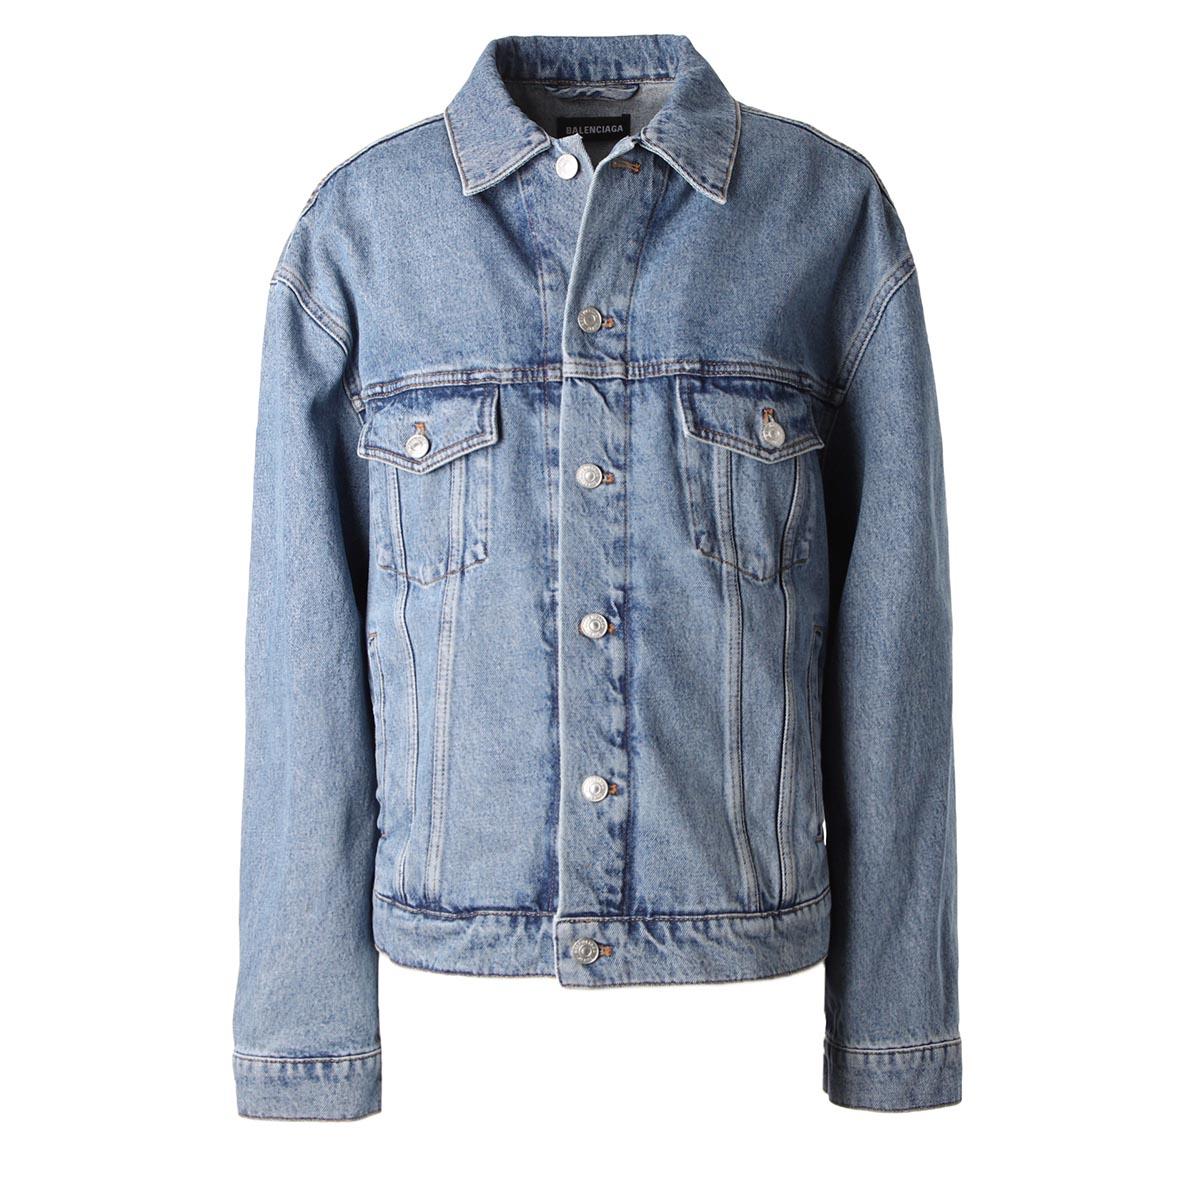 メンズファッション, コート・ジャケット 1 BALENCIAGA G 646922 tdw15 4762 LARGE FIT JACKEToutnew